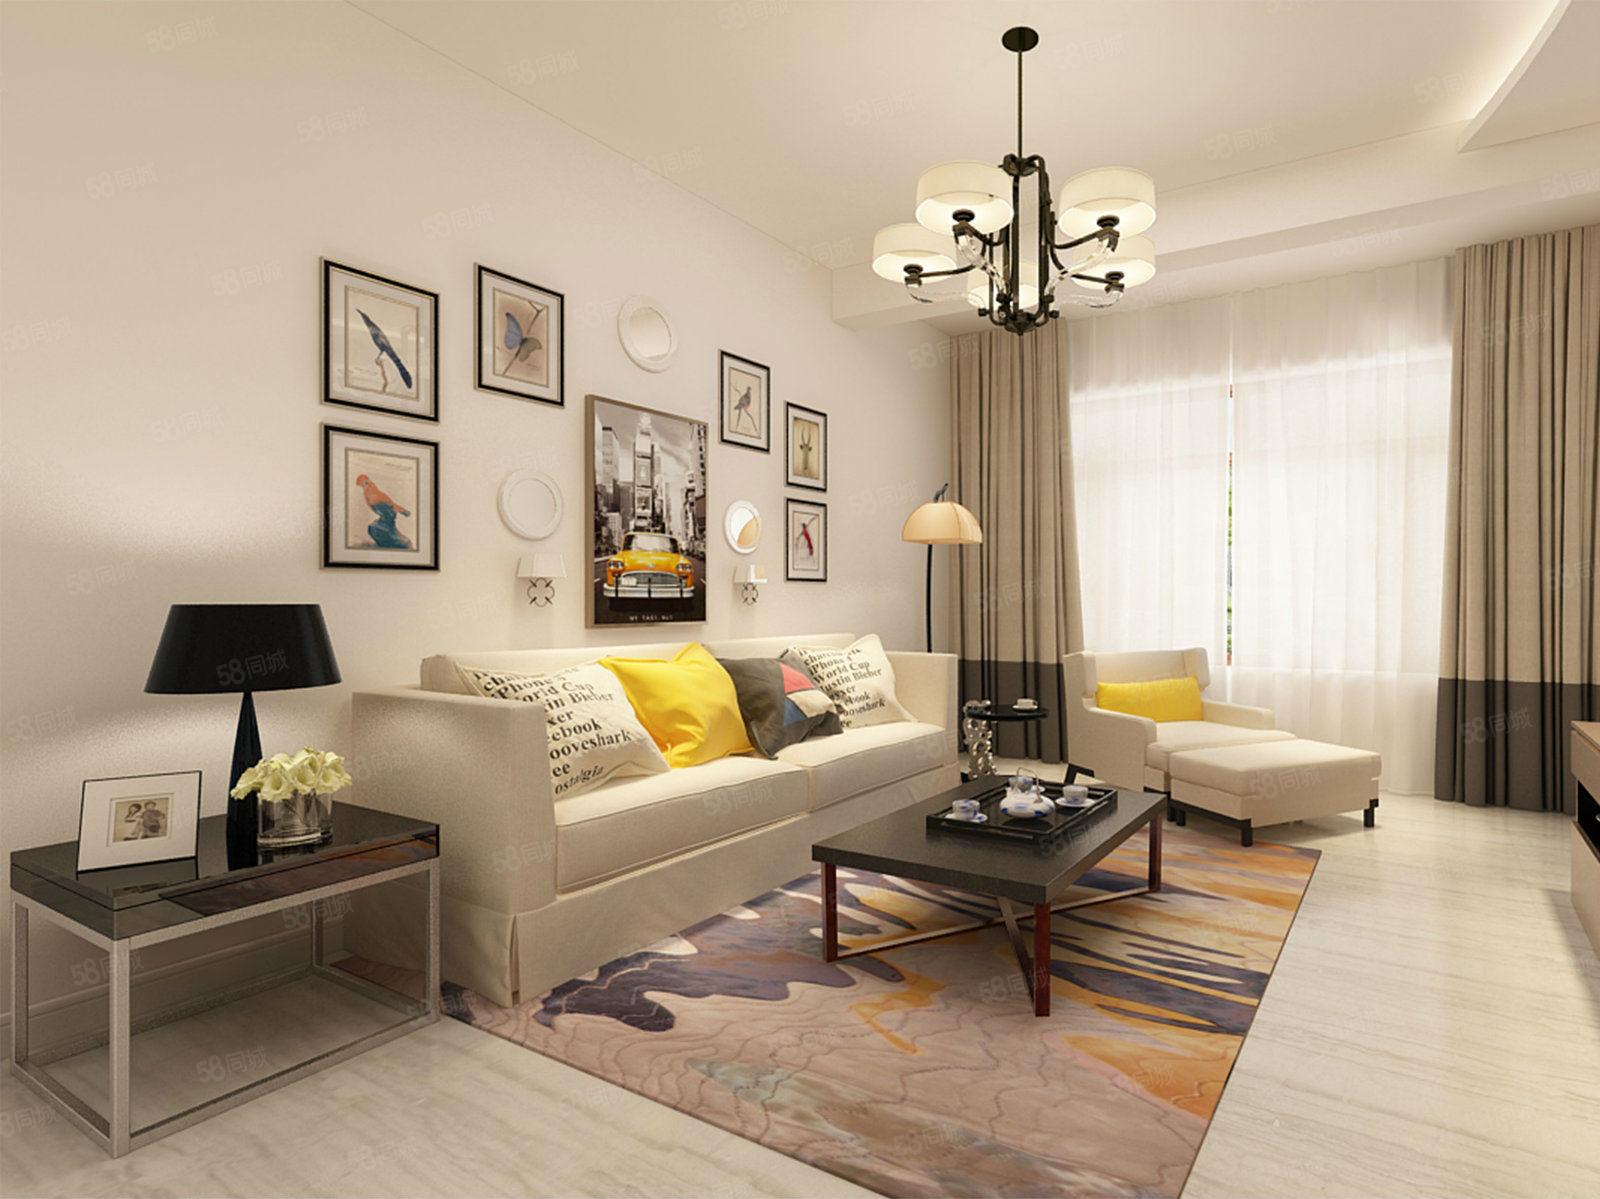 金河湾B区三室两厅毛坯房售楼处手续可贷款